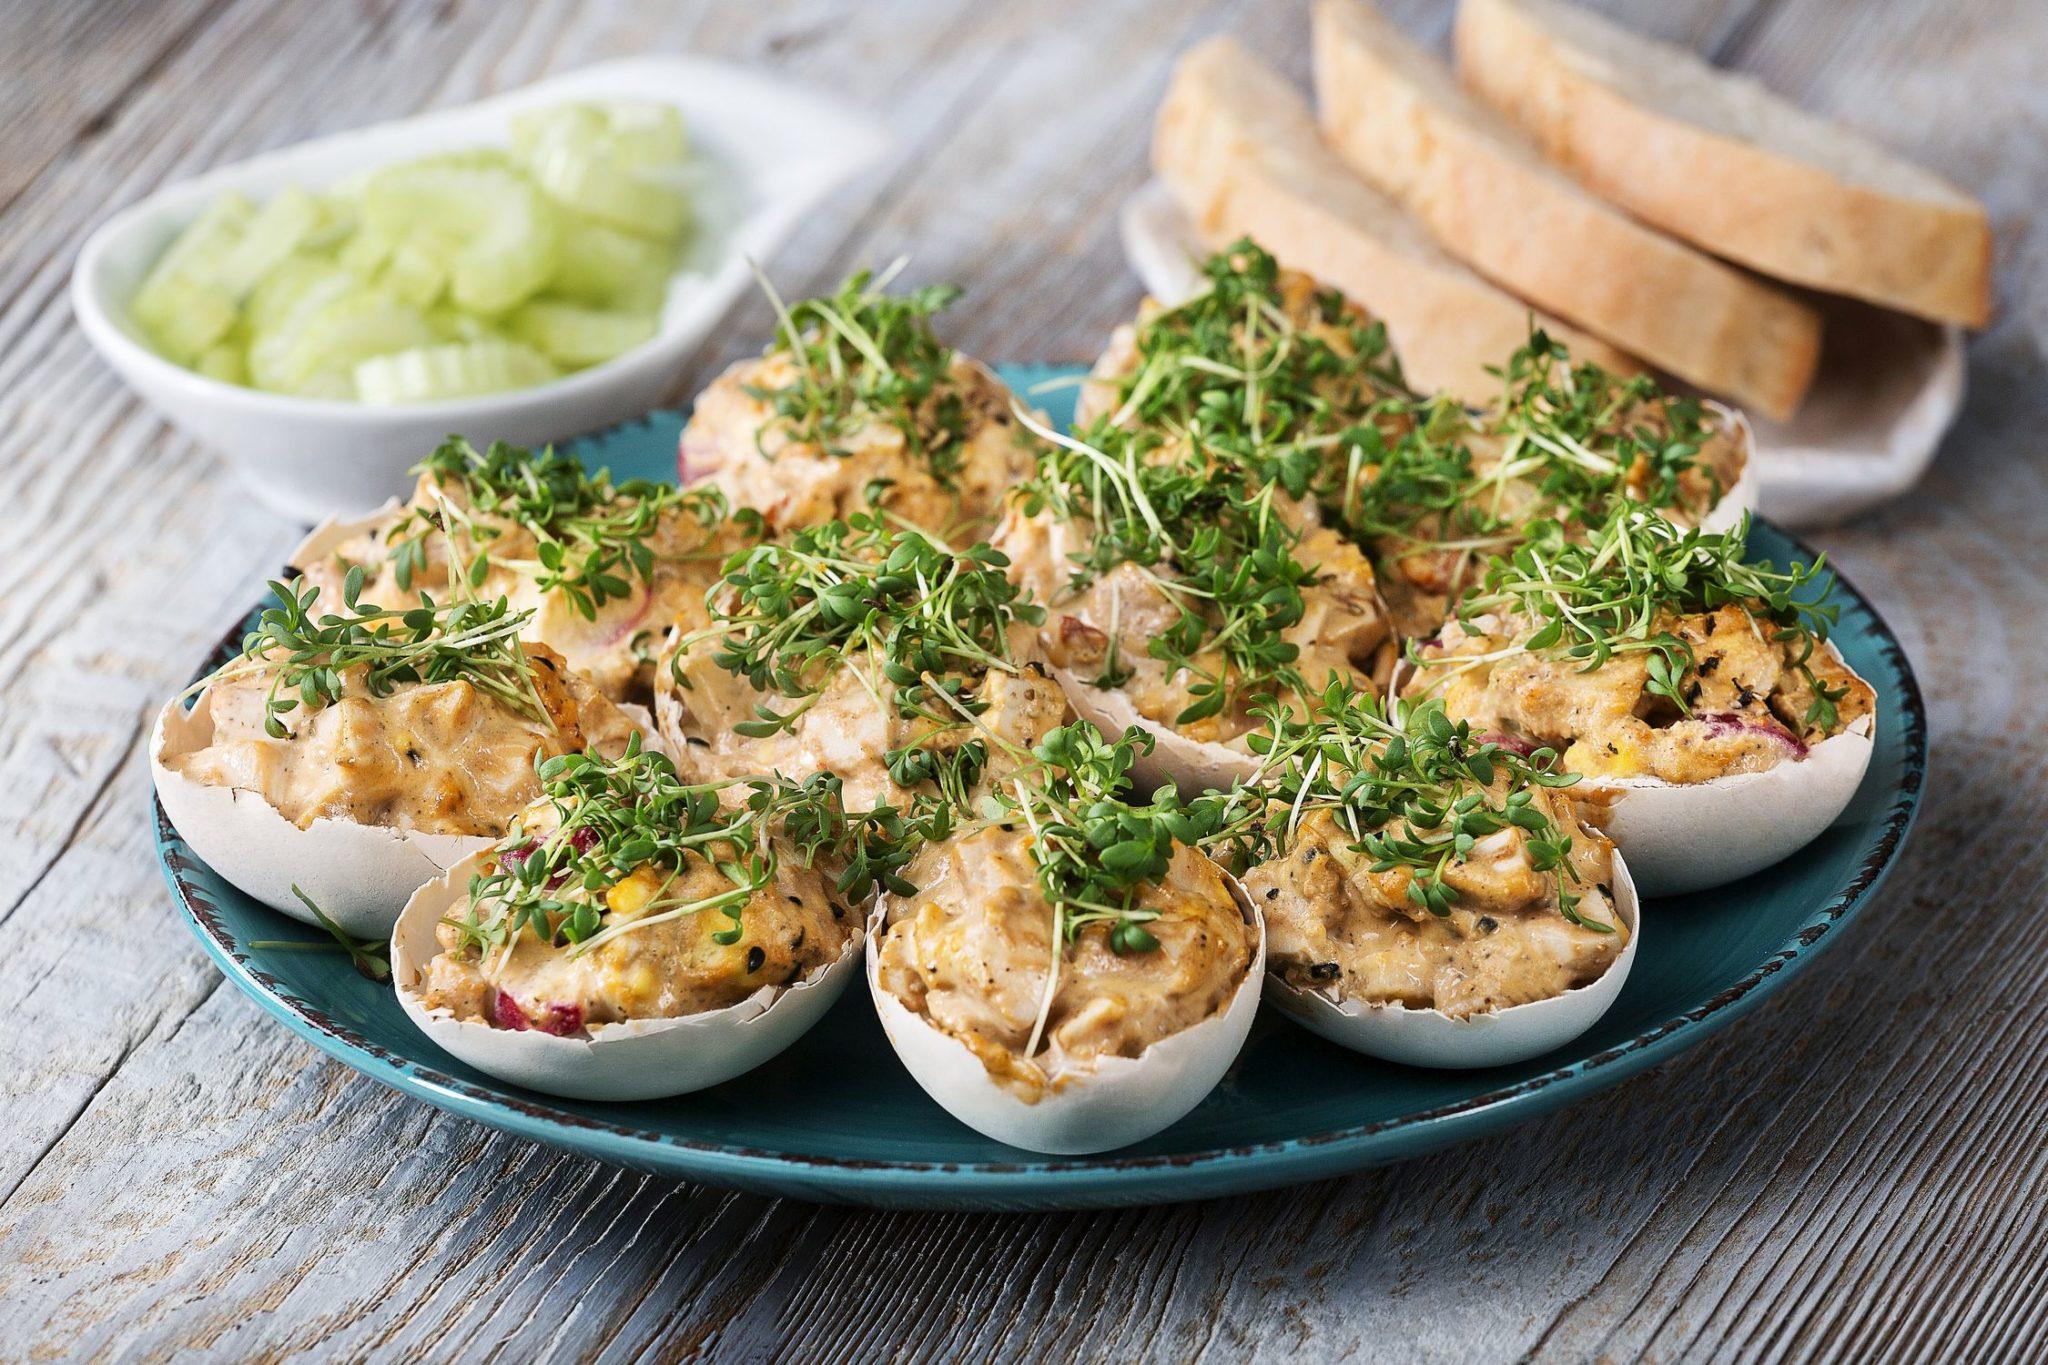 Przepis na jajka faszerowane w skorupkach z awokado i pastą z pestkami słonecznika